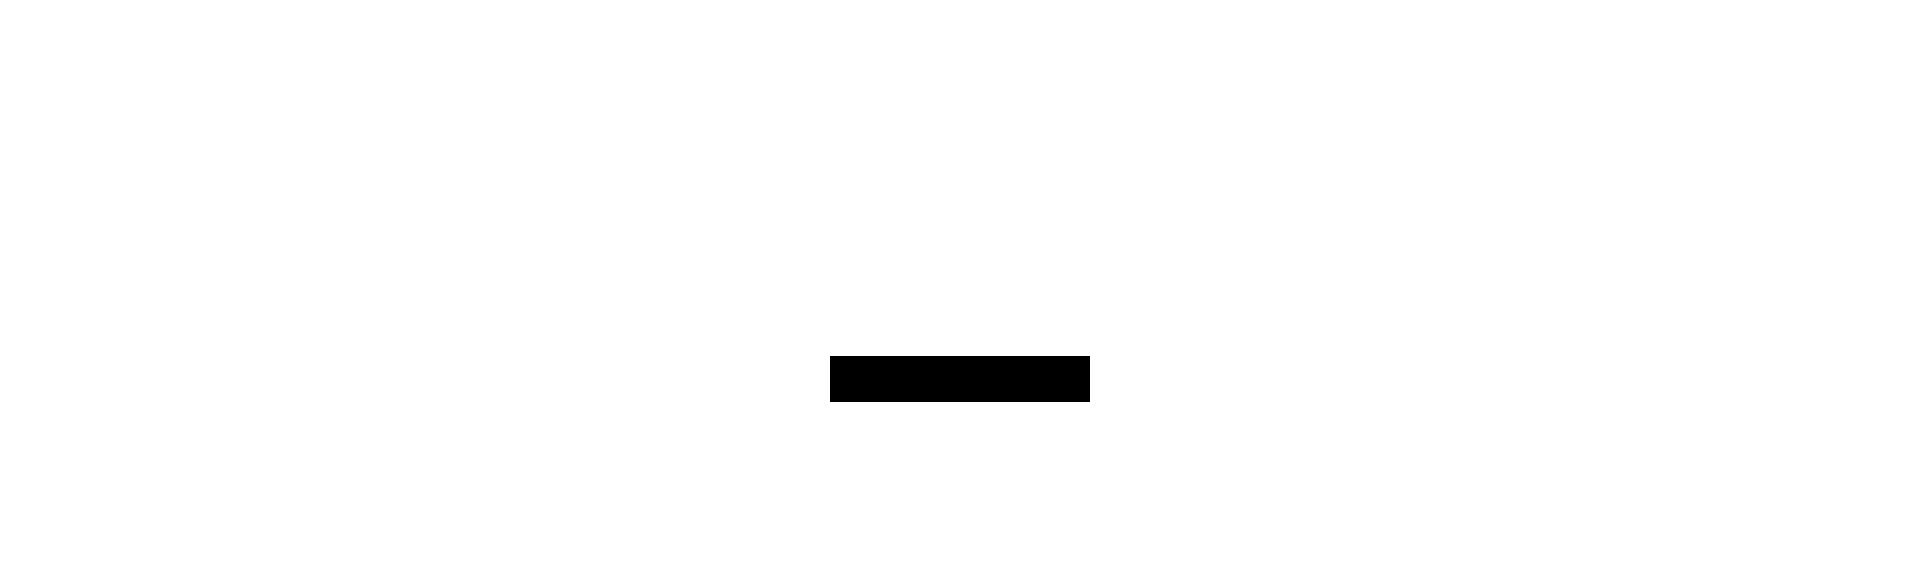 LepageIllus-copie-16